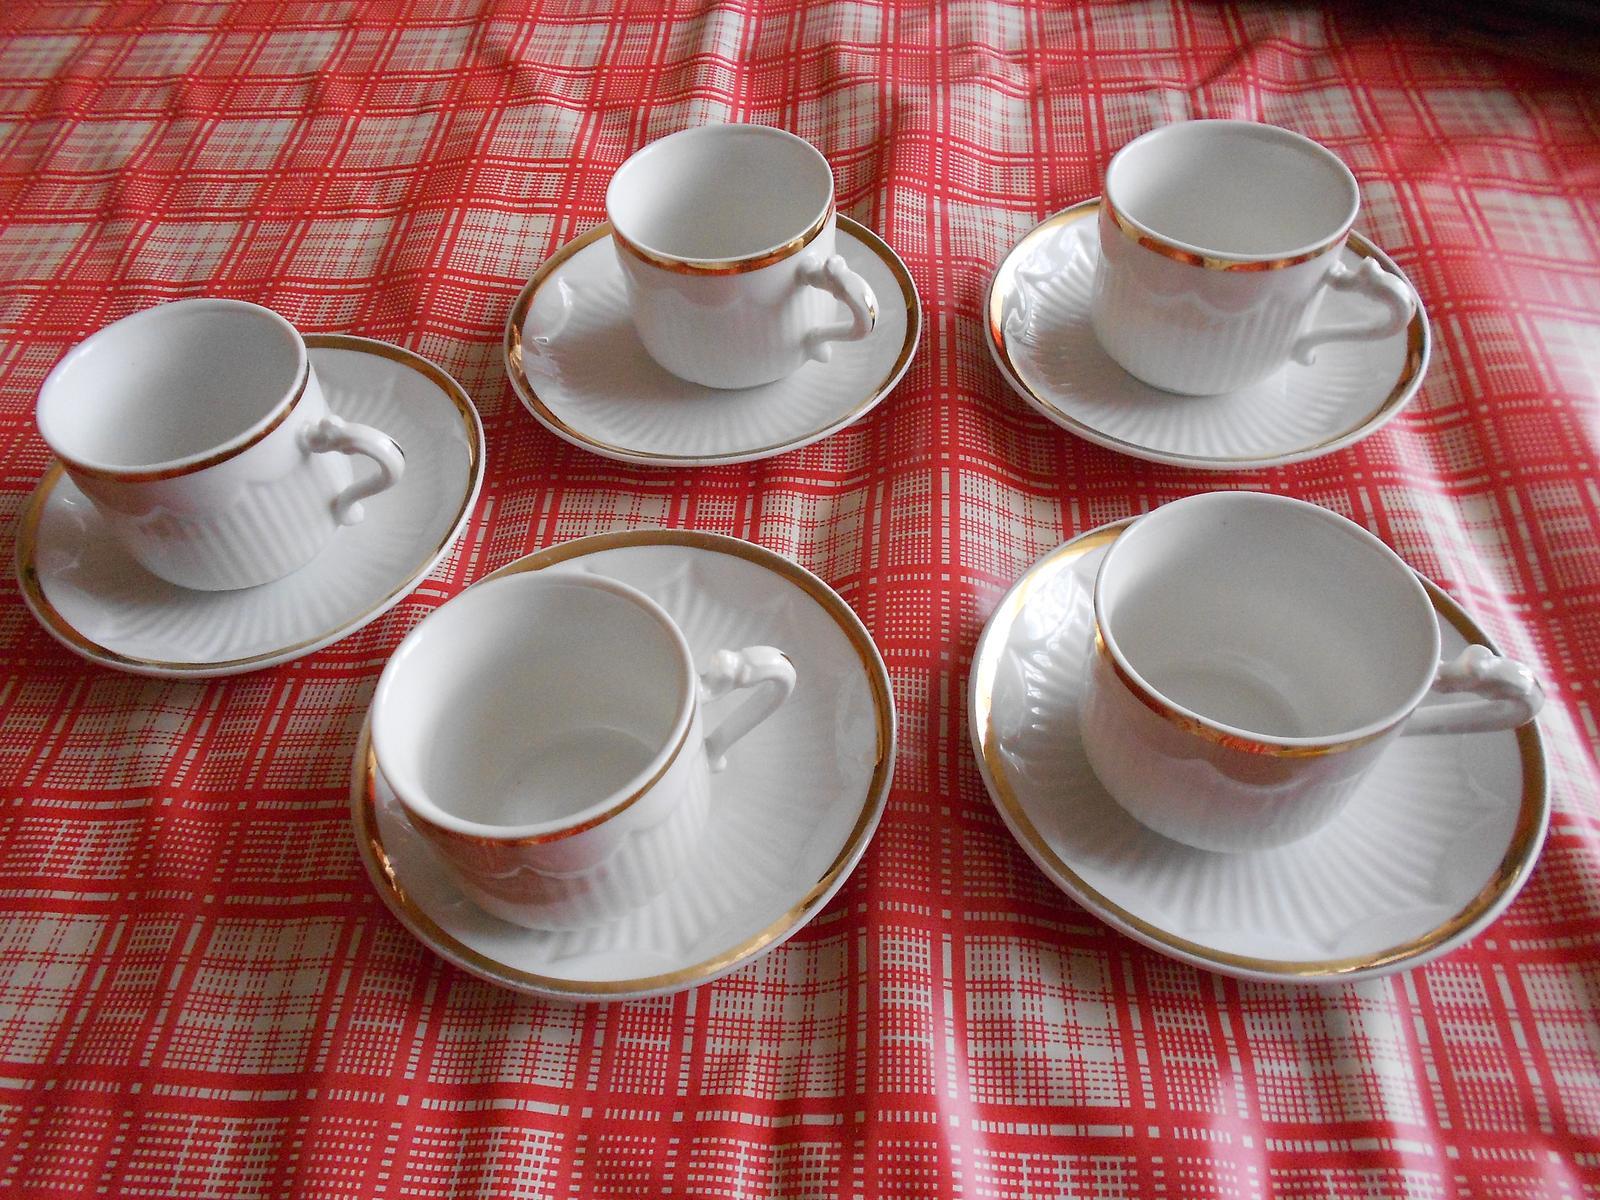 biela kávová súprava  - Obrázok č. 1